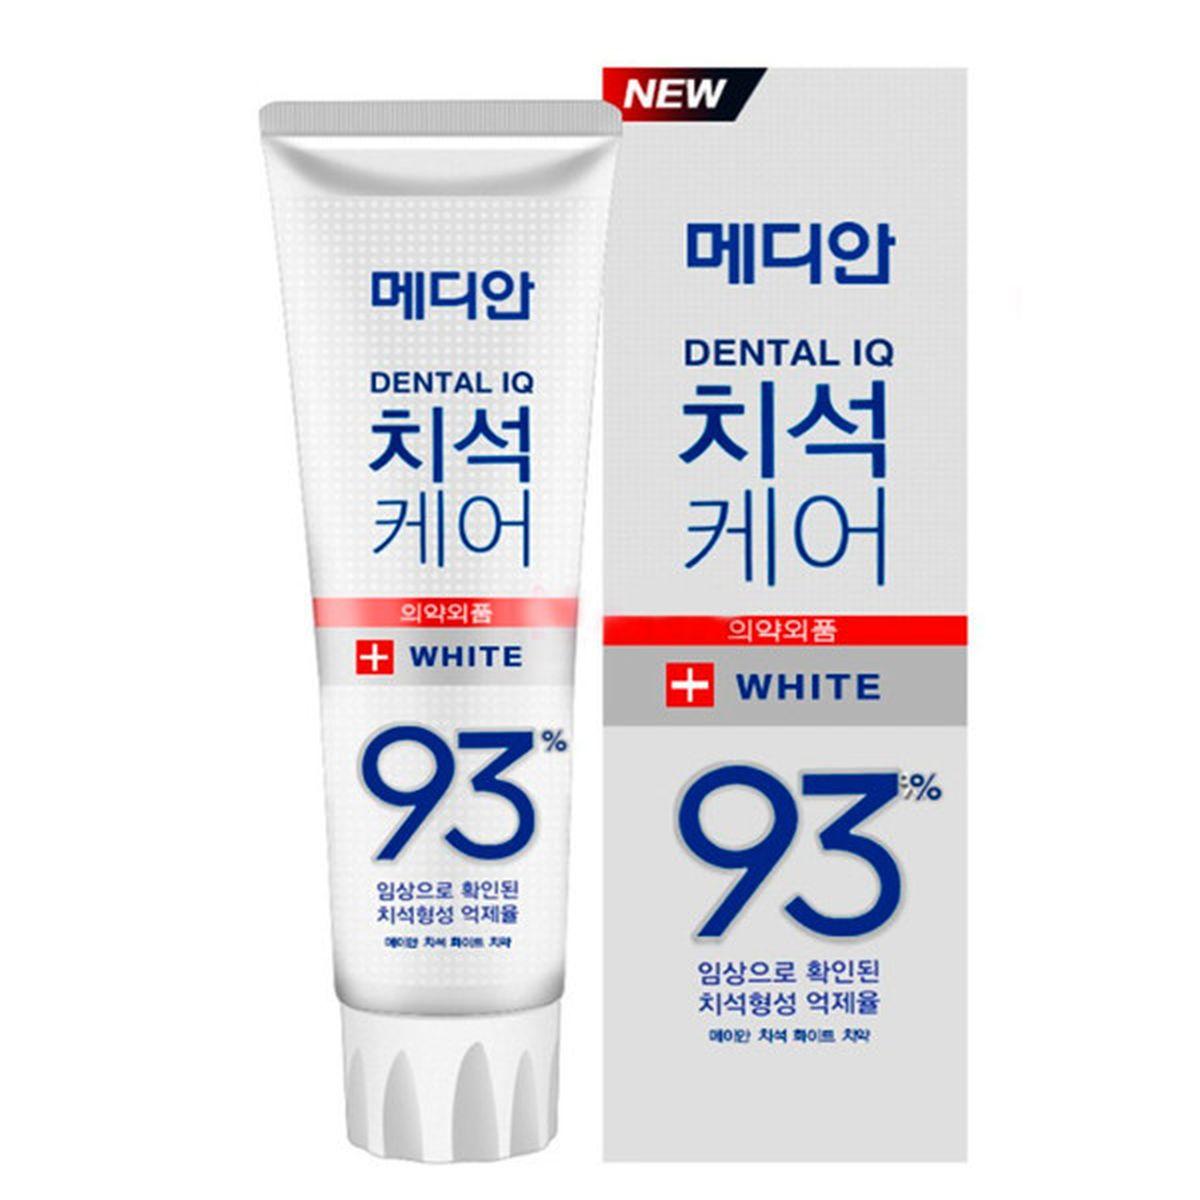 Отбеливающая зубная паста с цеолитом Median Dental IQ 93% White - 120 гр